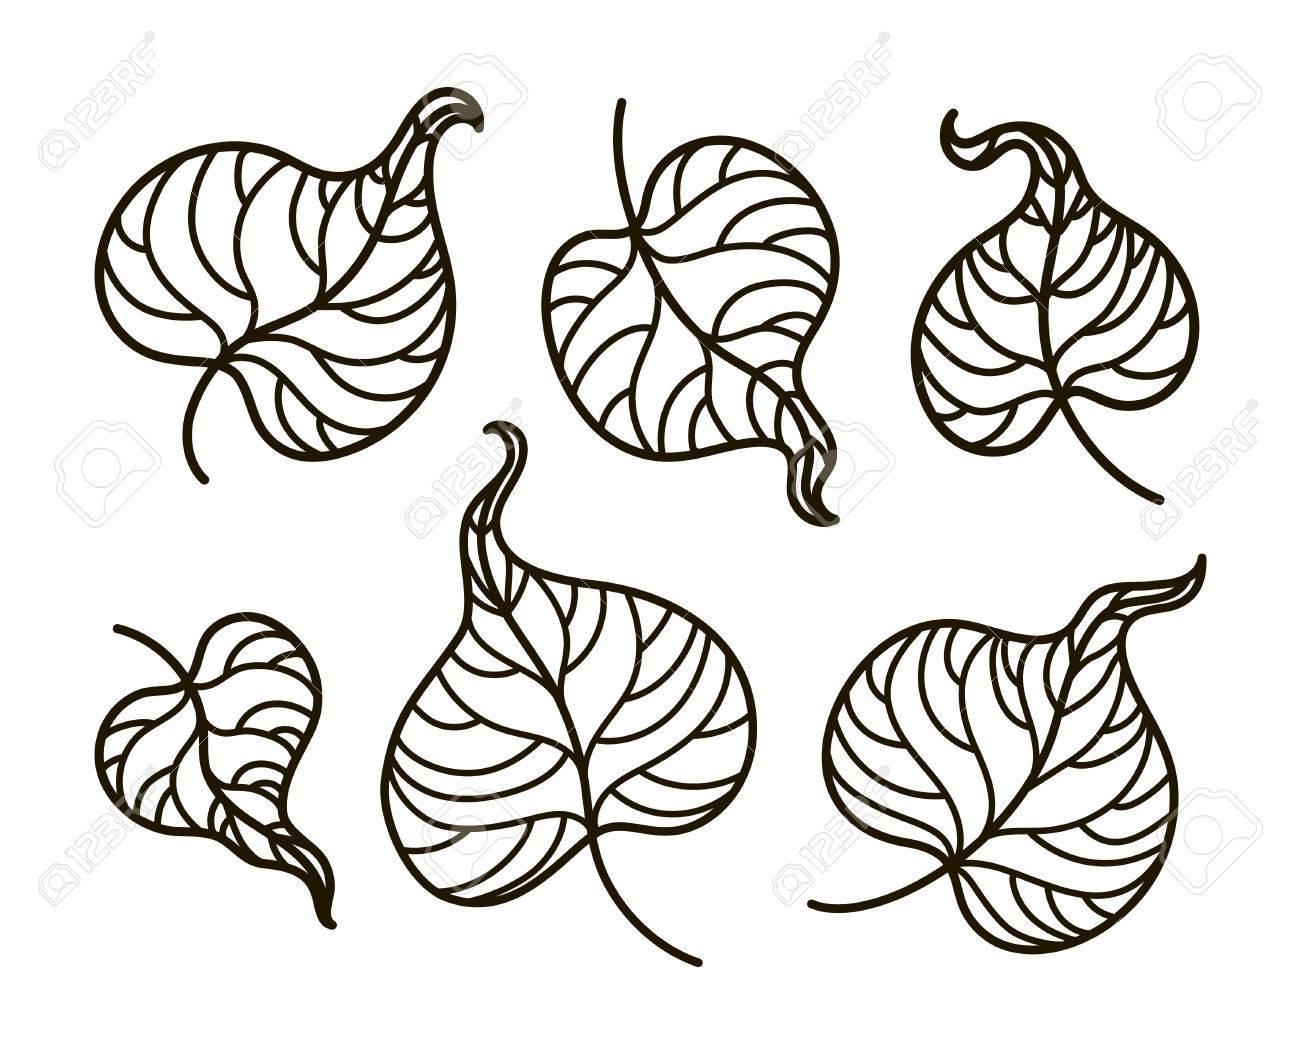 Vector Ilustración De Contorno Libro Para Colorear Conjunto Hojas Verano Bosque Naturaleza árbol Planta Ilustración En Blanco Y Negro